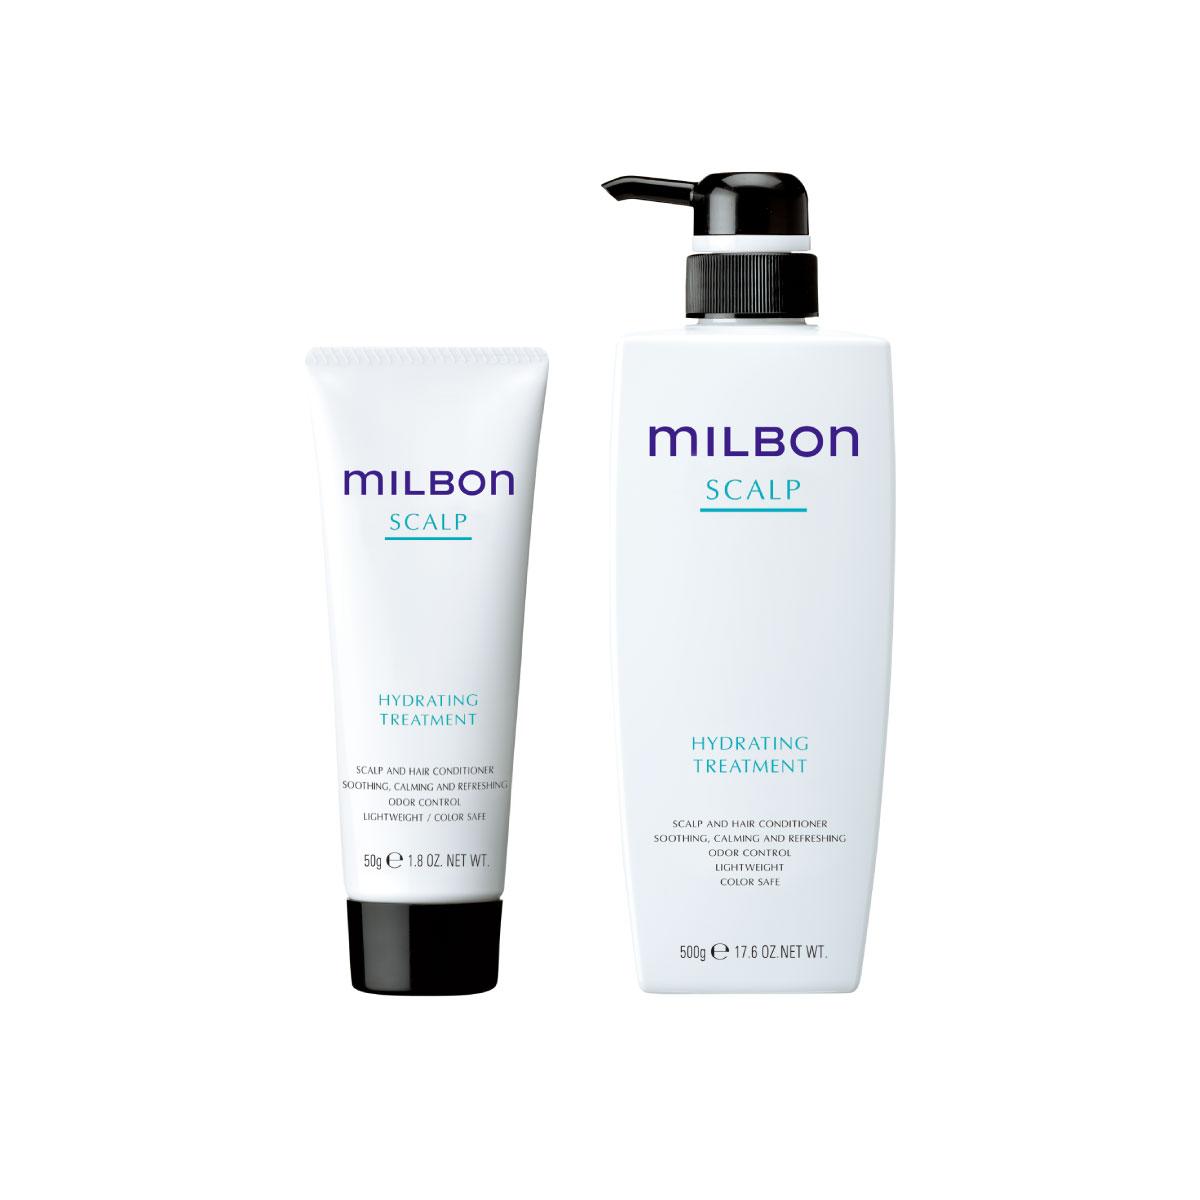 ミルボン スカルプ (milbon scalp) image05